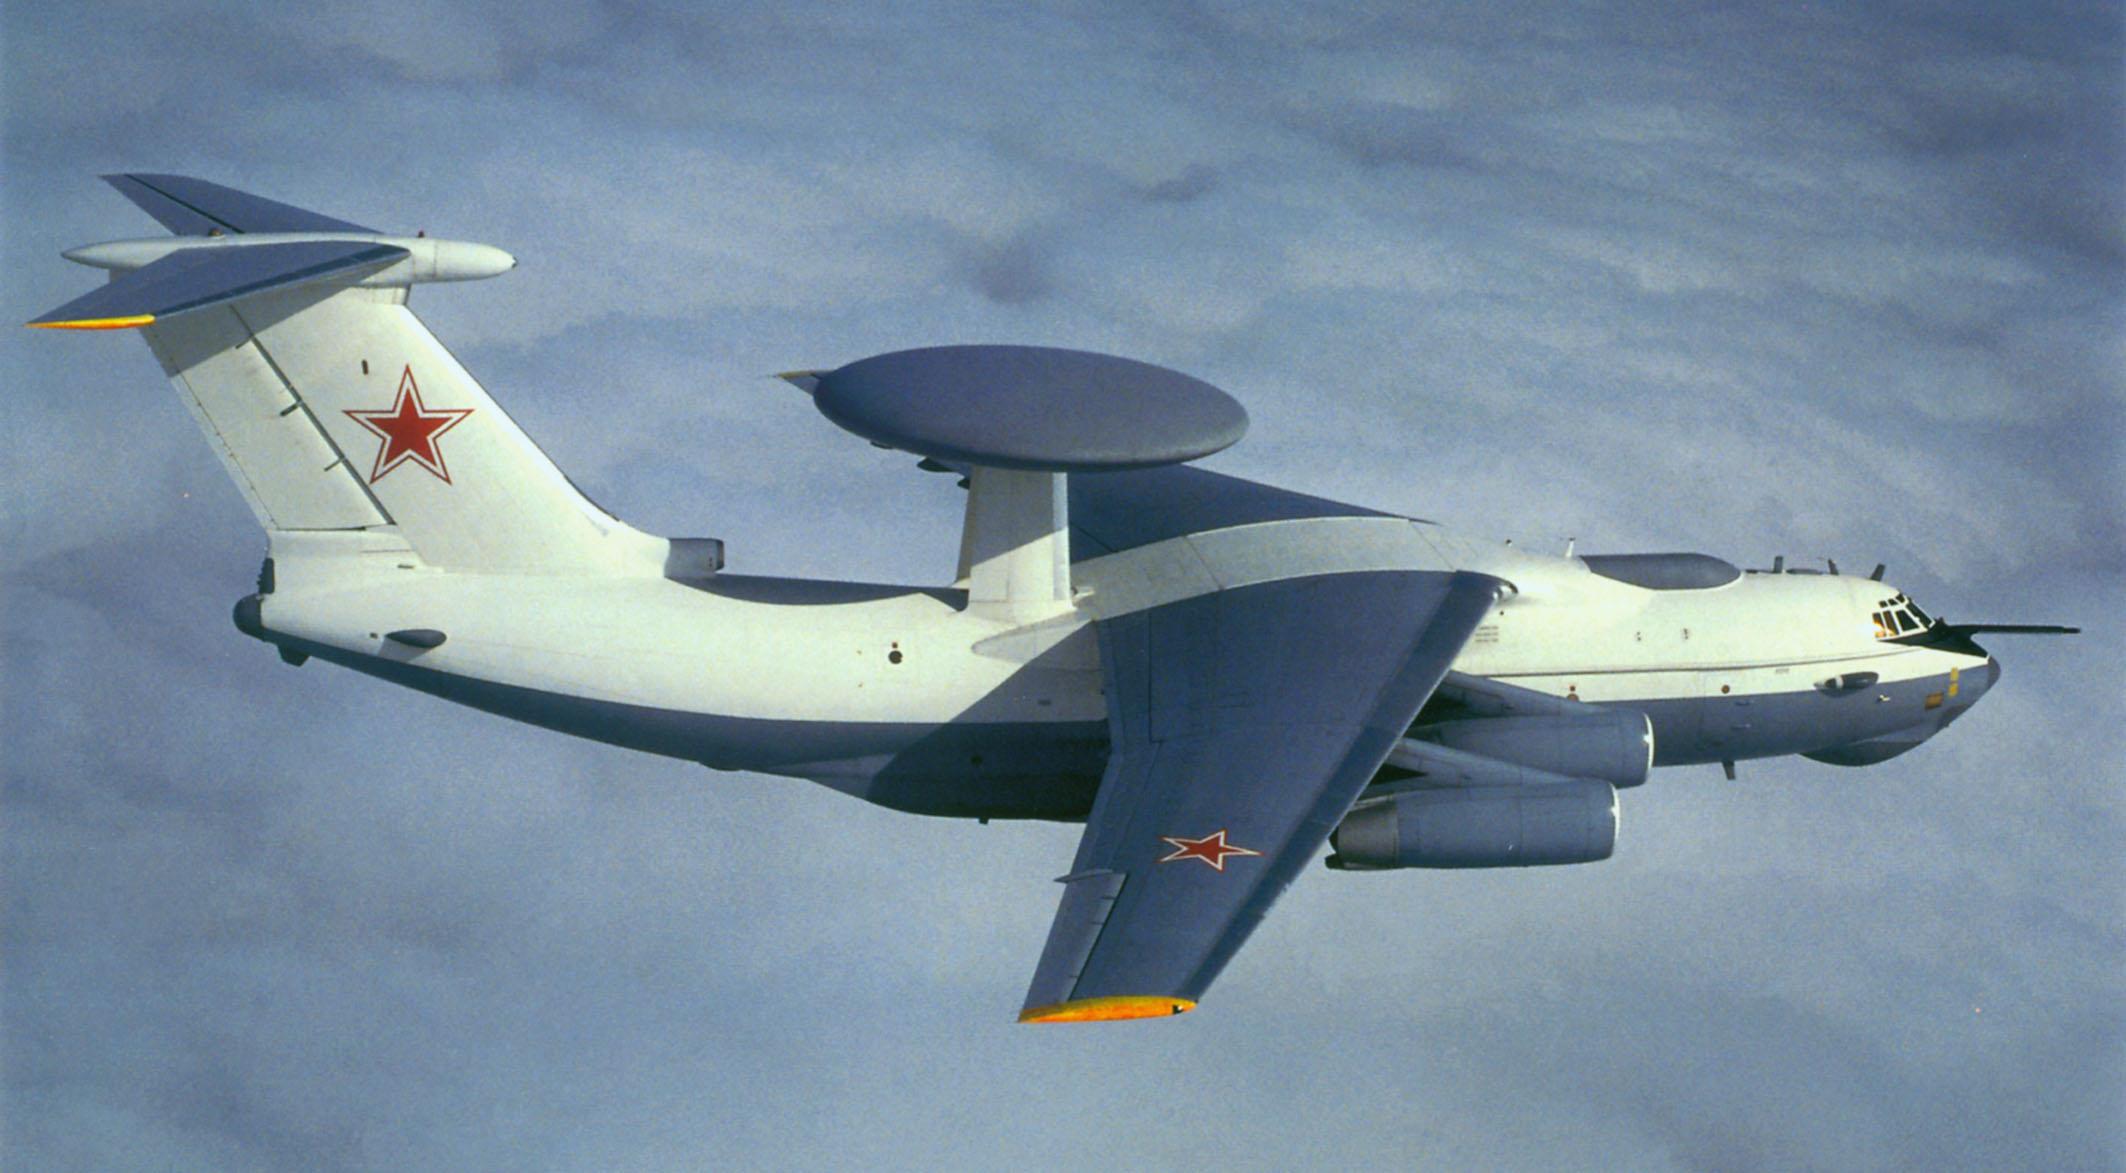 Самолет дальнего радиолокационного обнаружения и управления (ДРЛОиУ) А-50Э